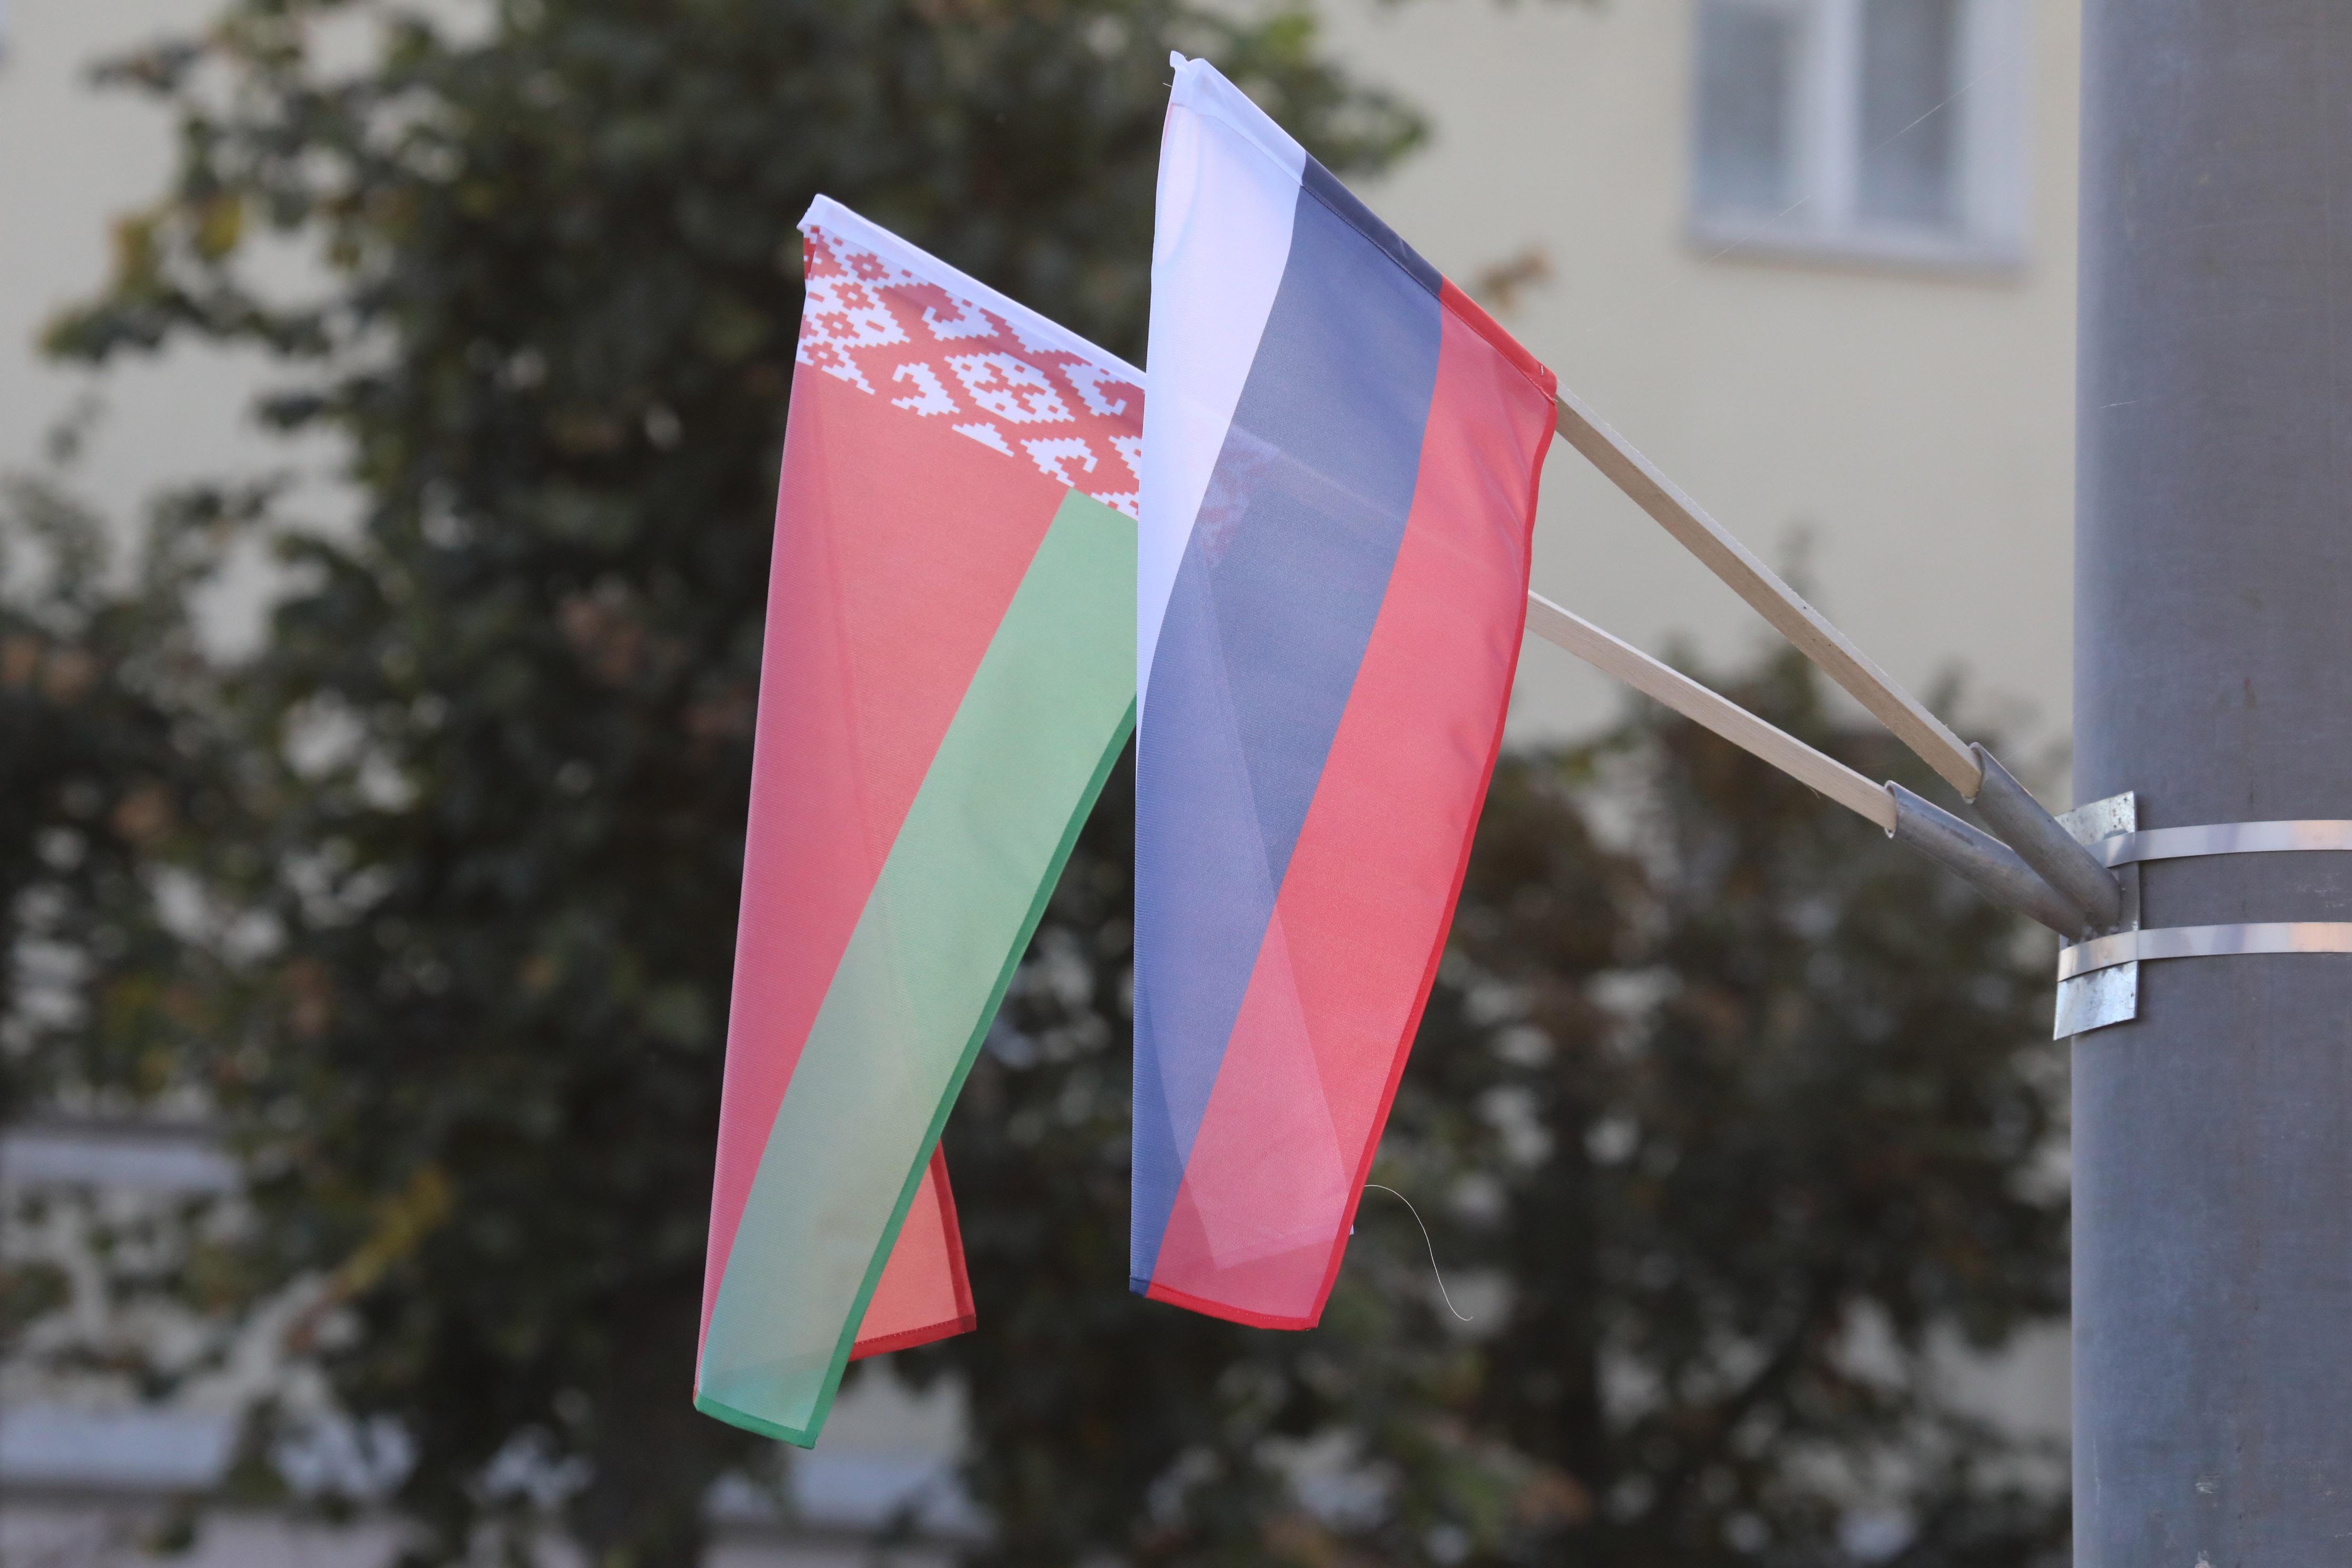 V Форум регионов Беларуси и России открывается в Могилеве